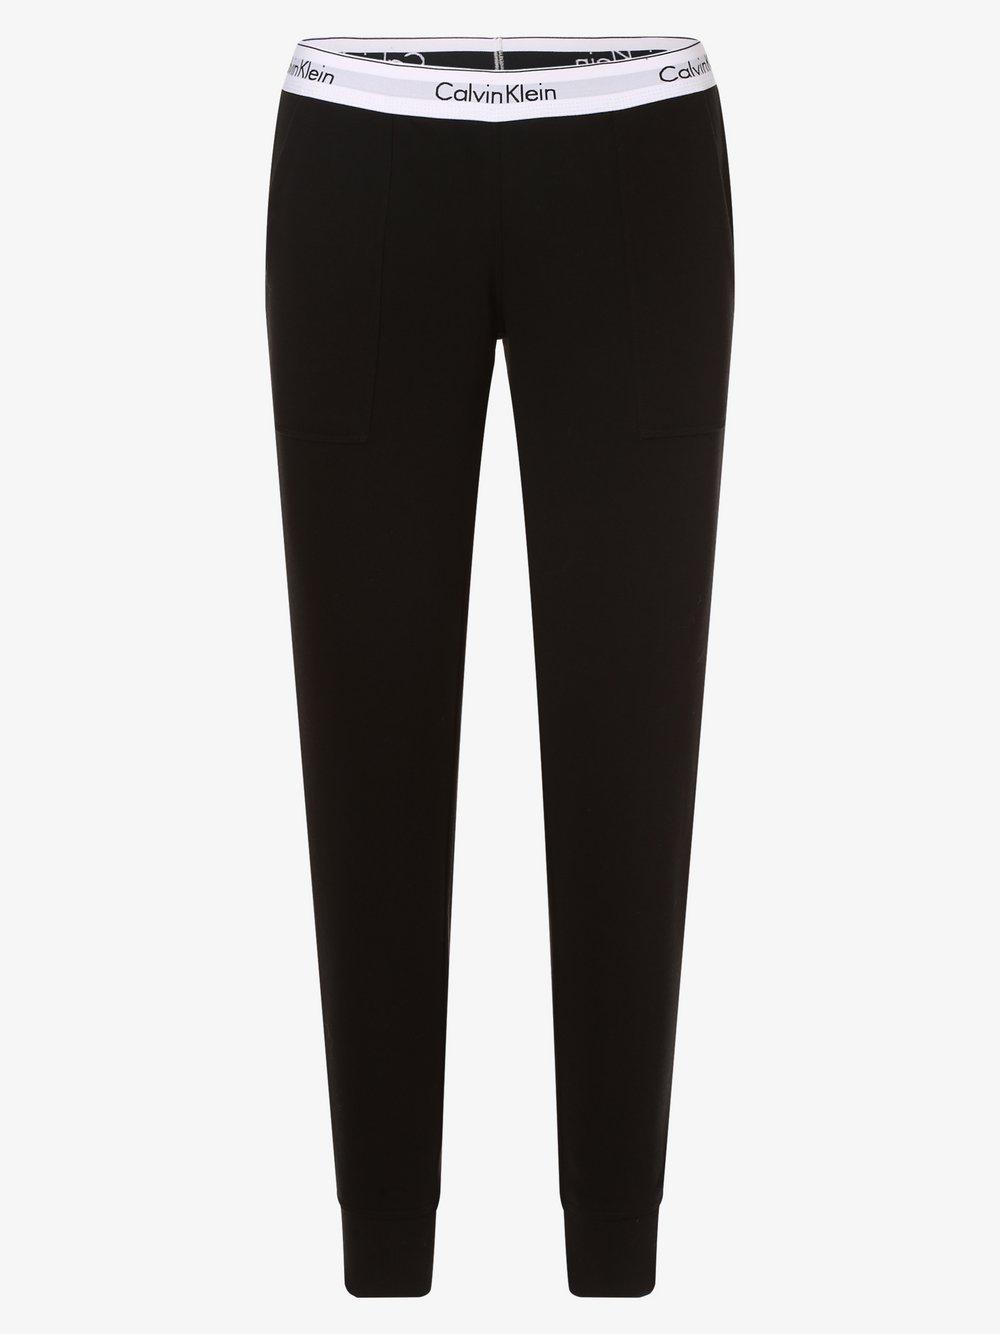 Calvin Klein - Damskie spodnie dresowe, czarny